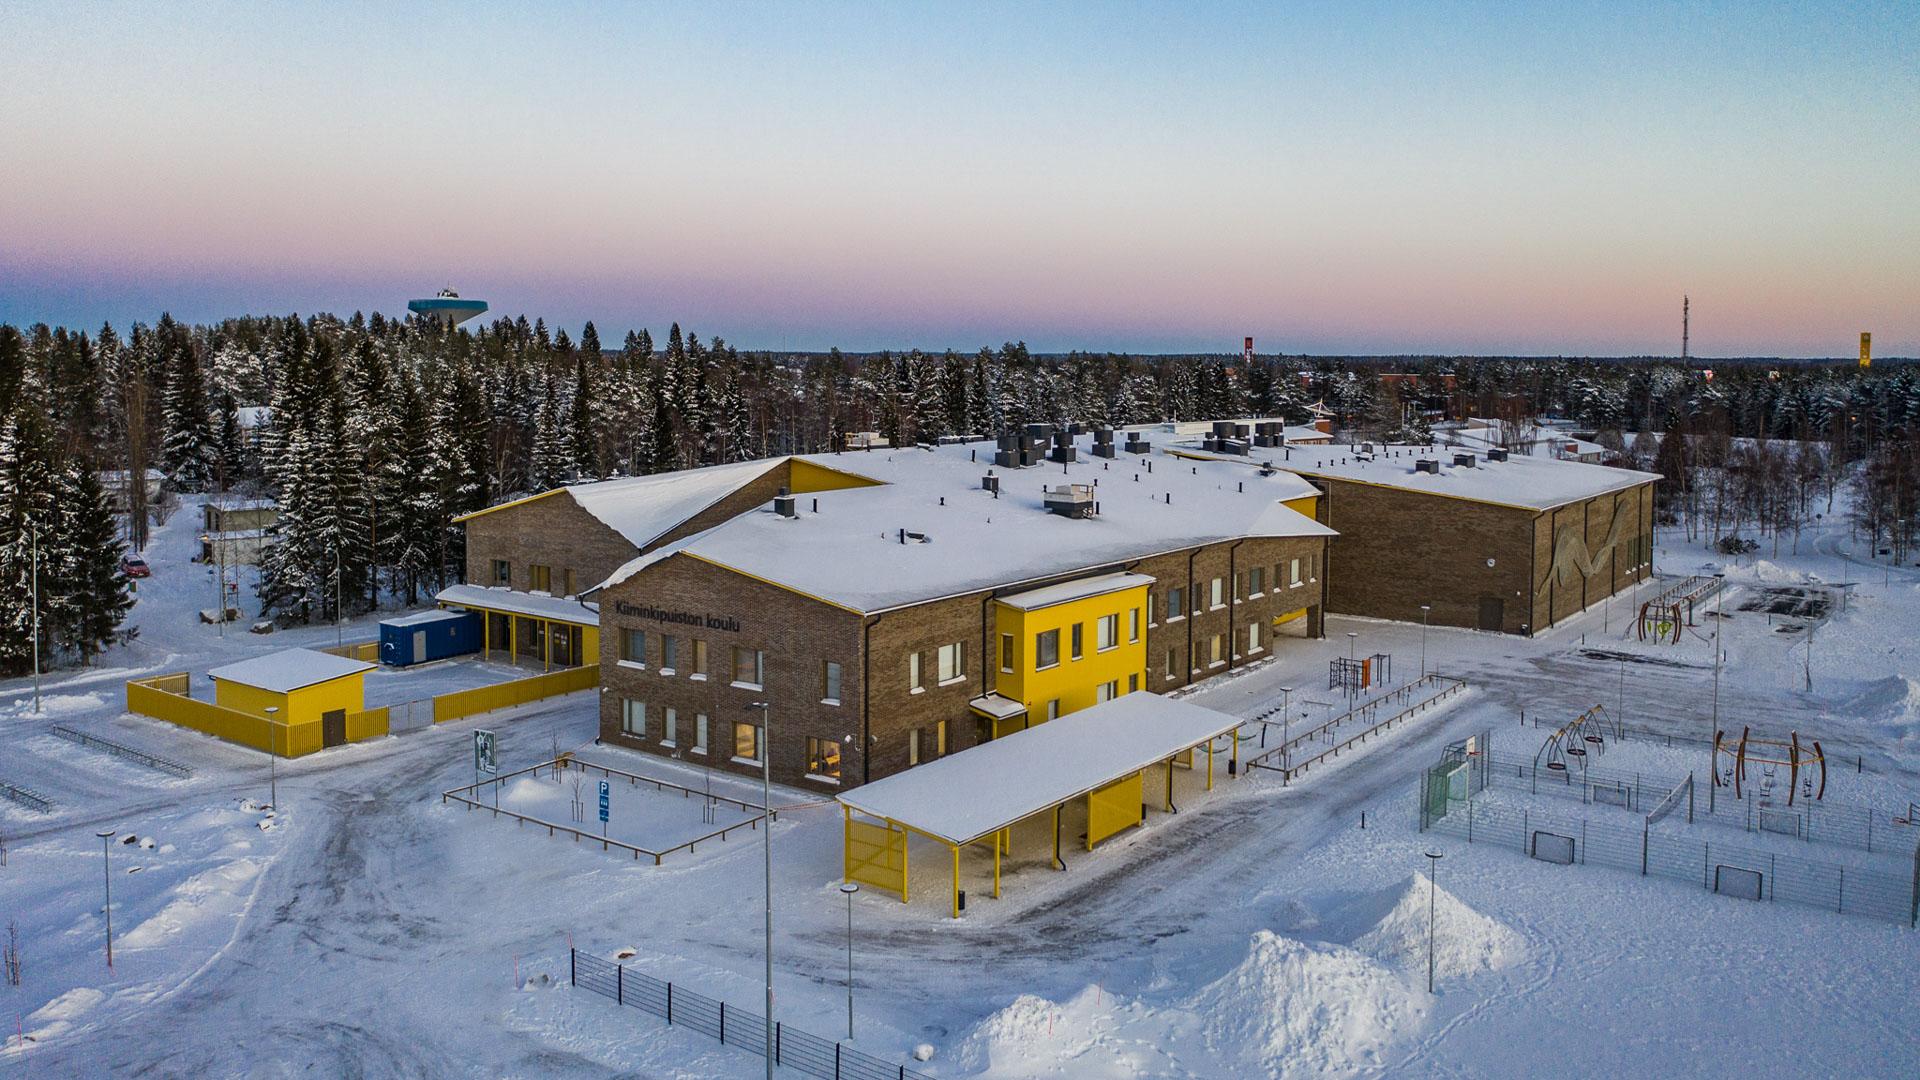 Kiiminginpuiston koulun ilmakuva